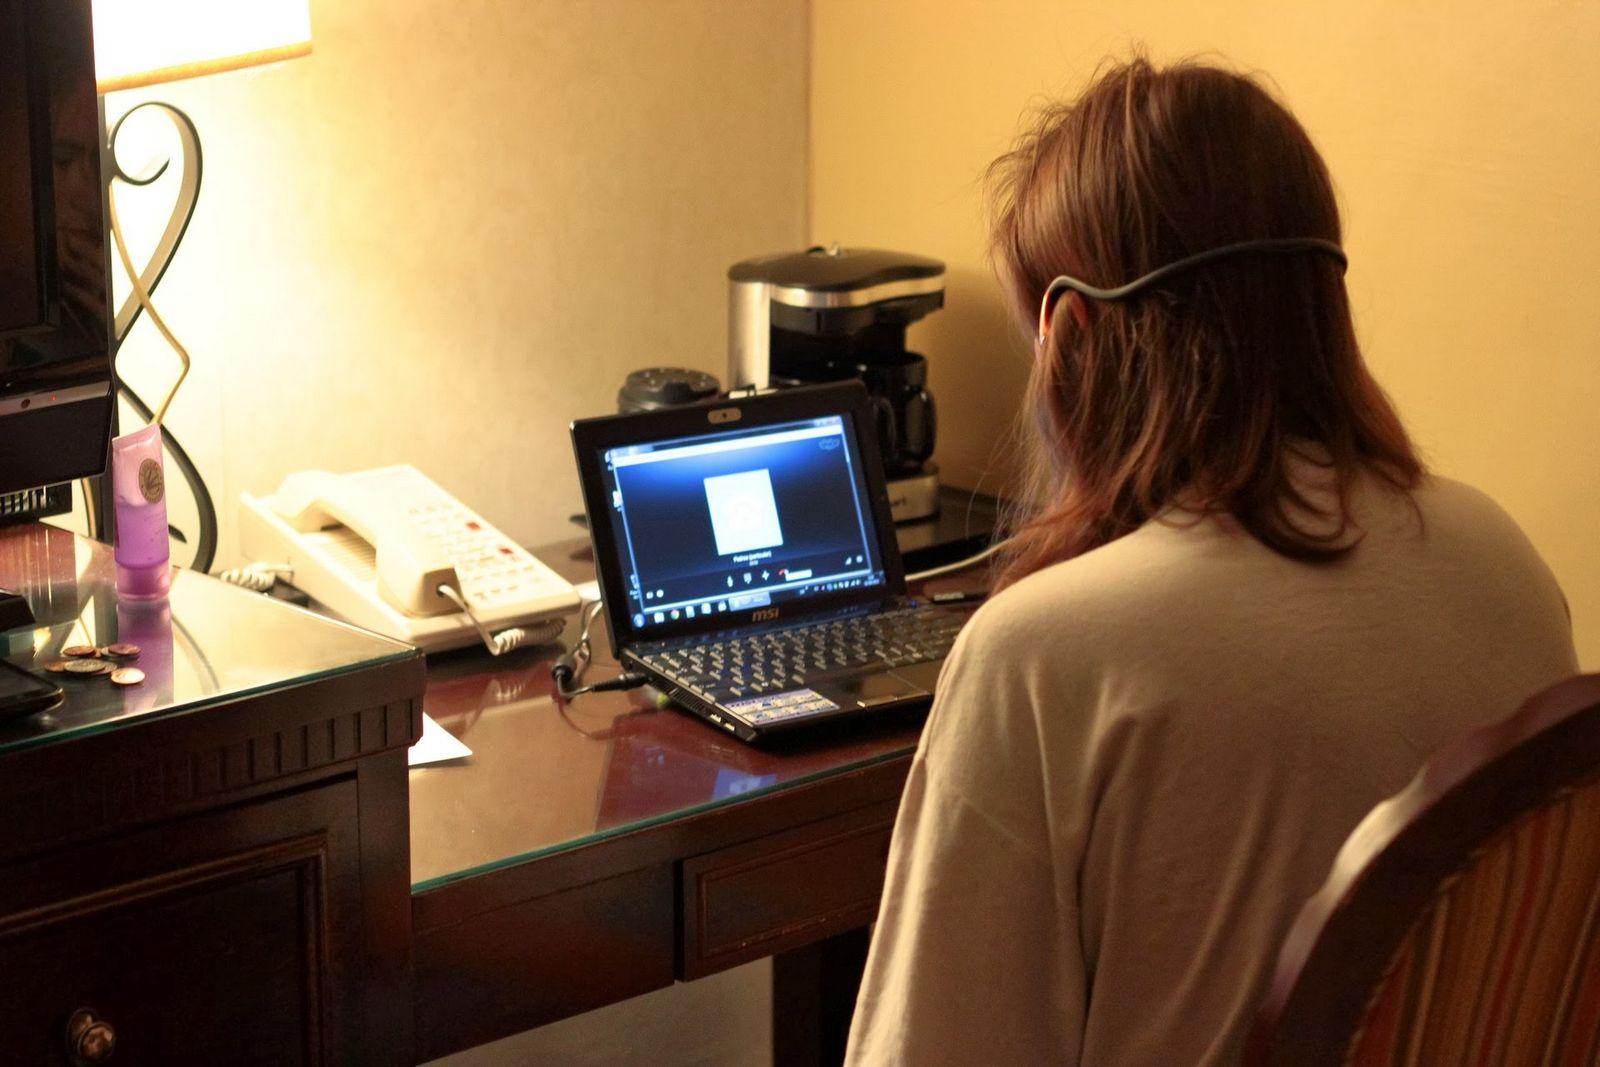 Empezando el día con un poco de Skype